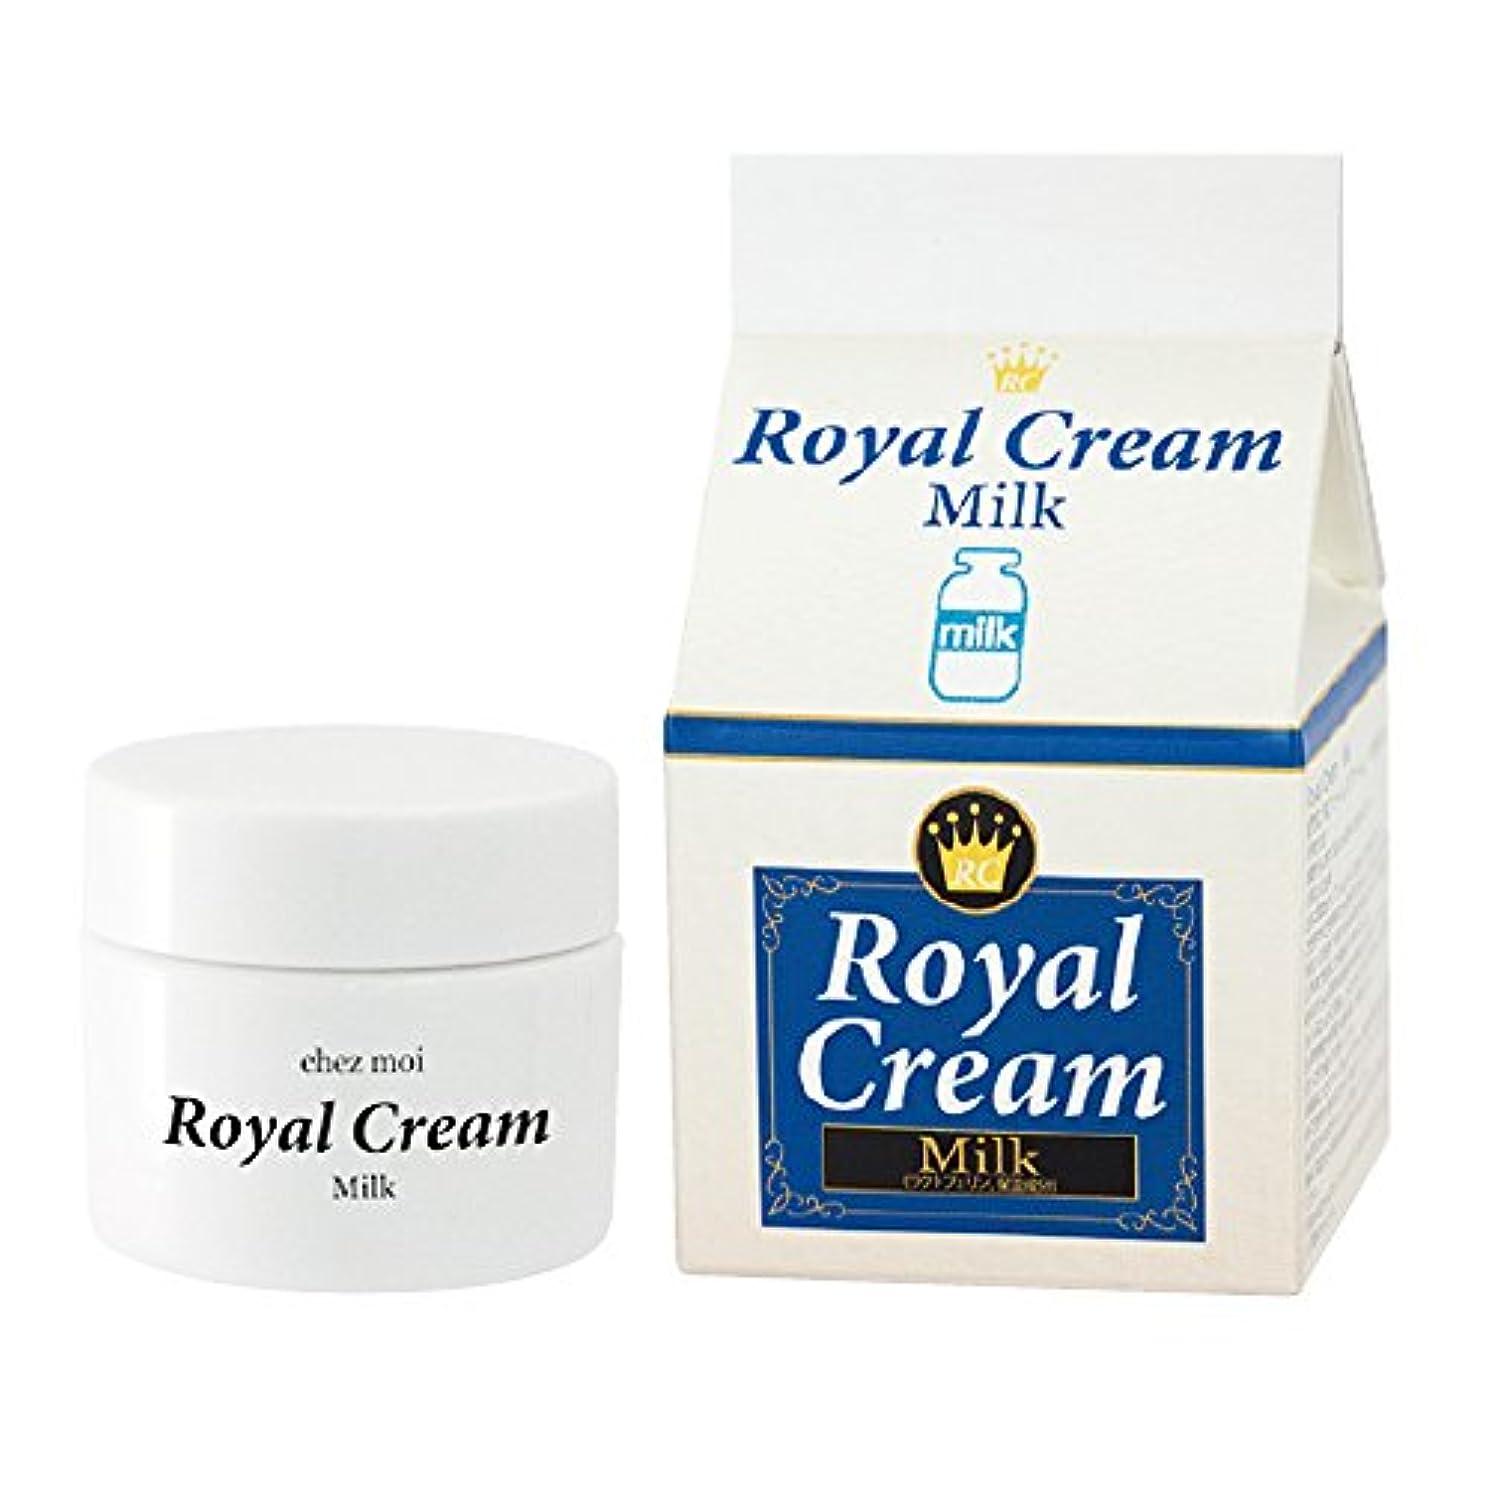 とまり木賄賂道路Royal Cream(ロイヤルクリーム) Milk(ミルク) 30g